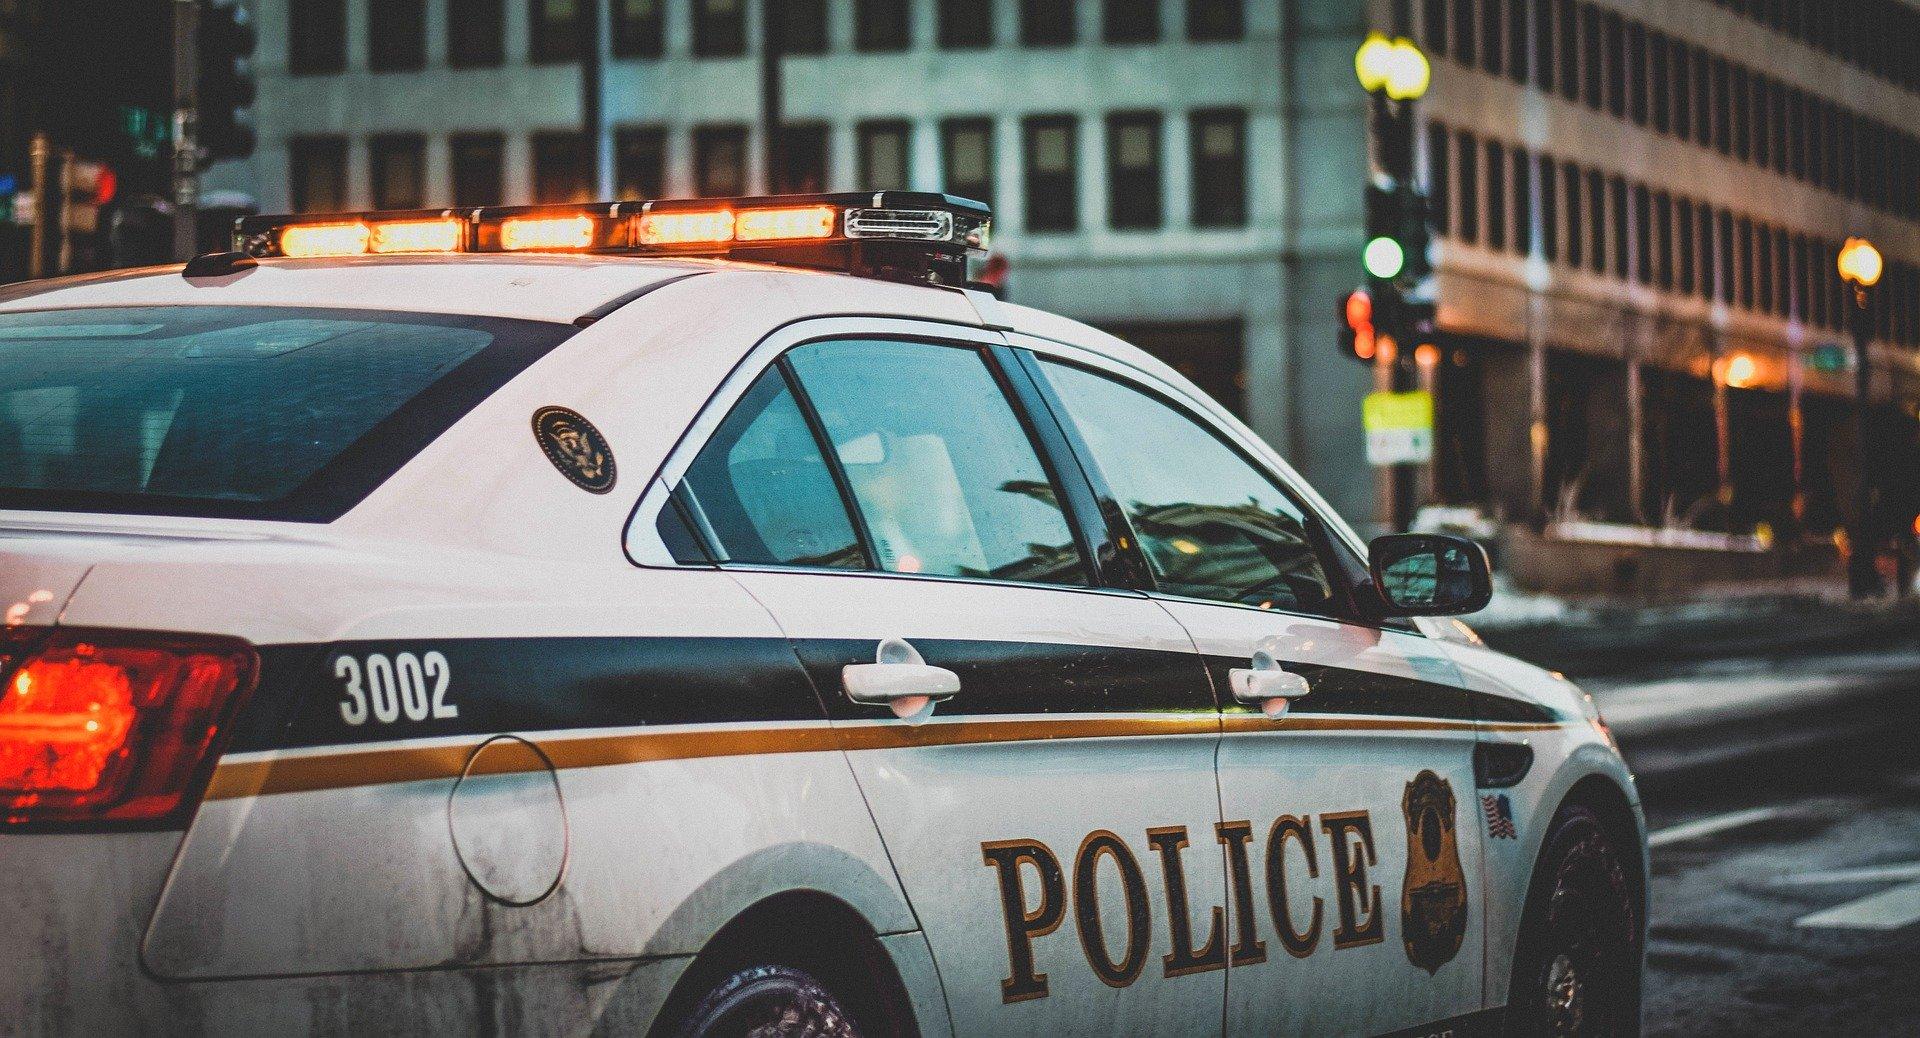 Un automobiliste, ivre, traine un policier en forçant un barrage de grévistes